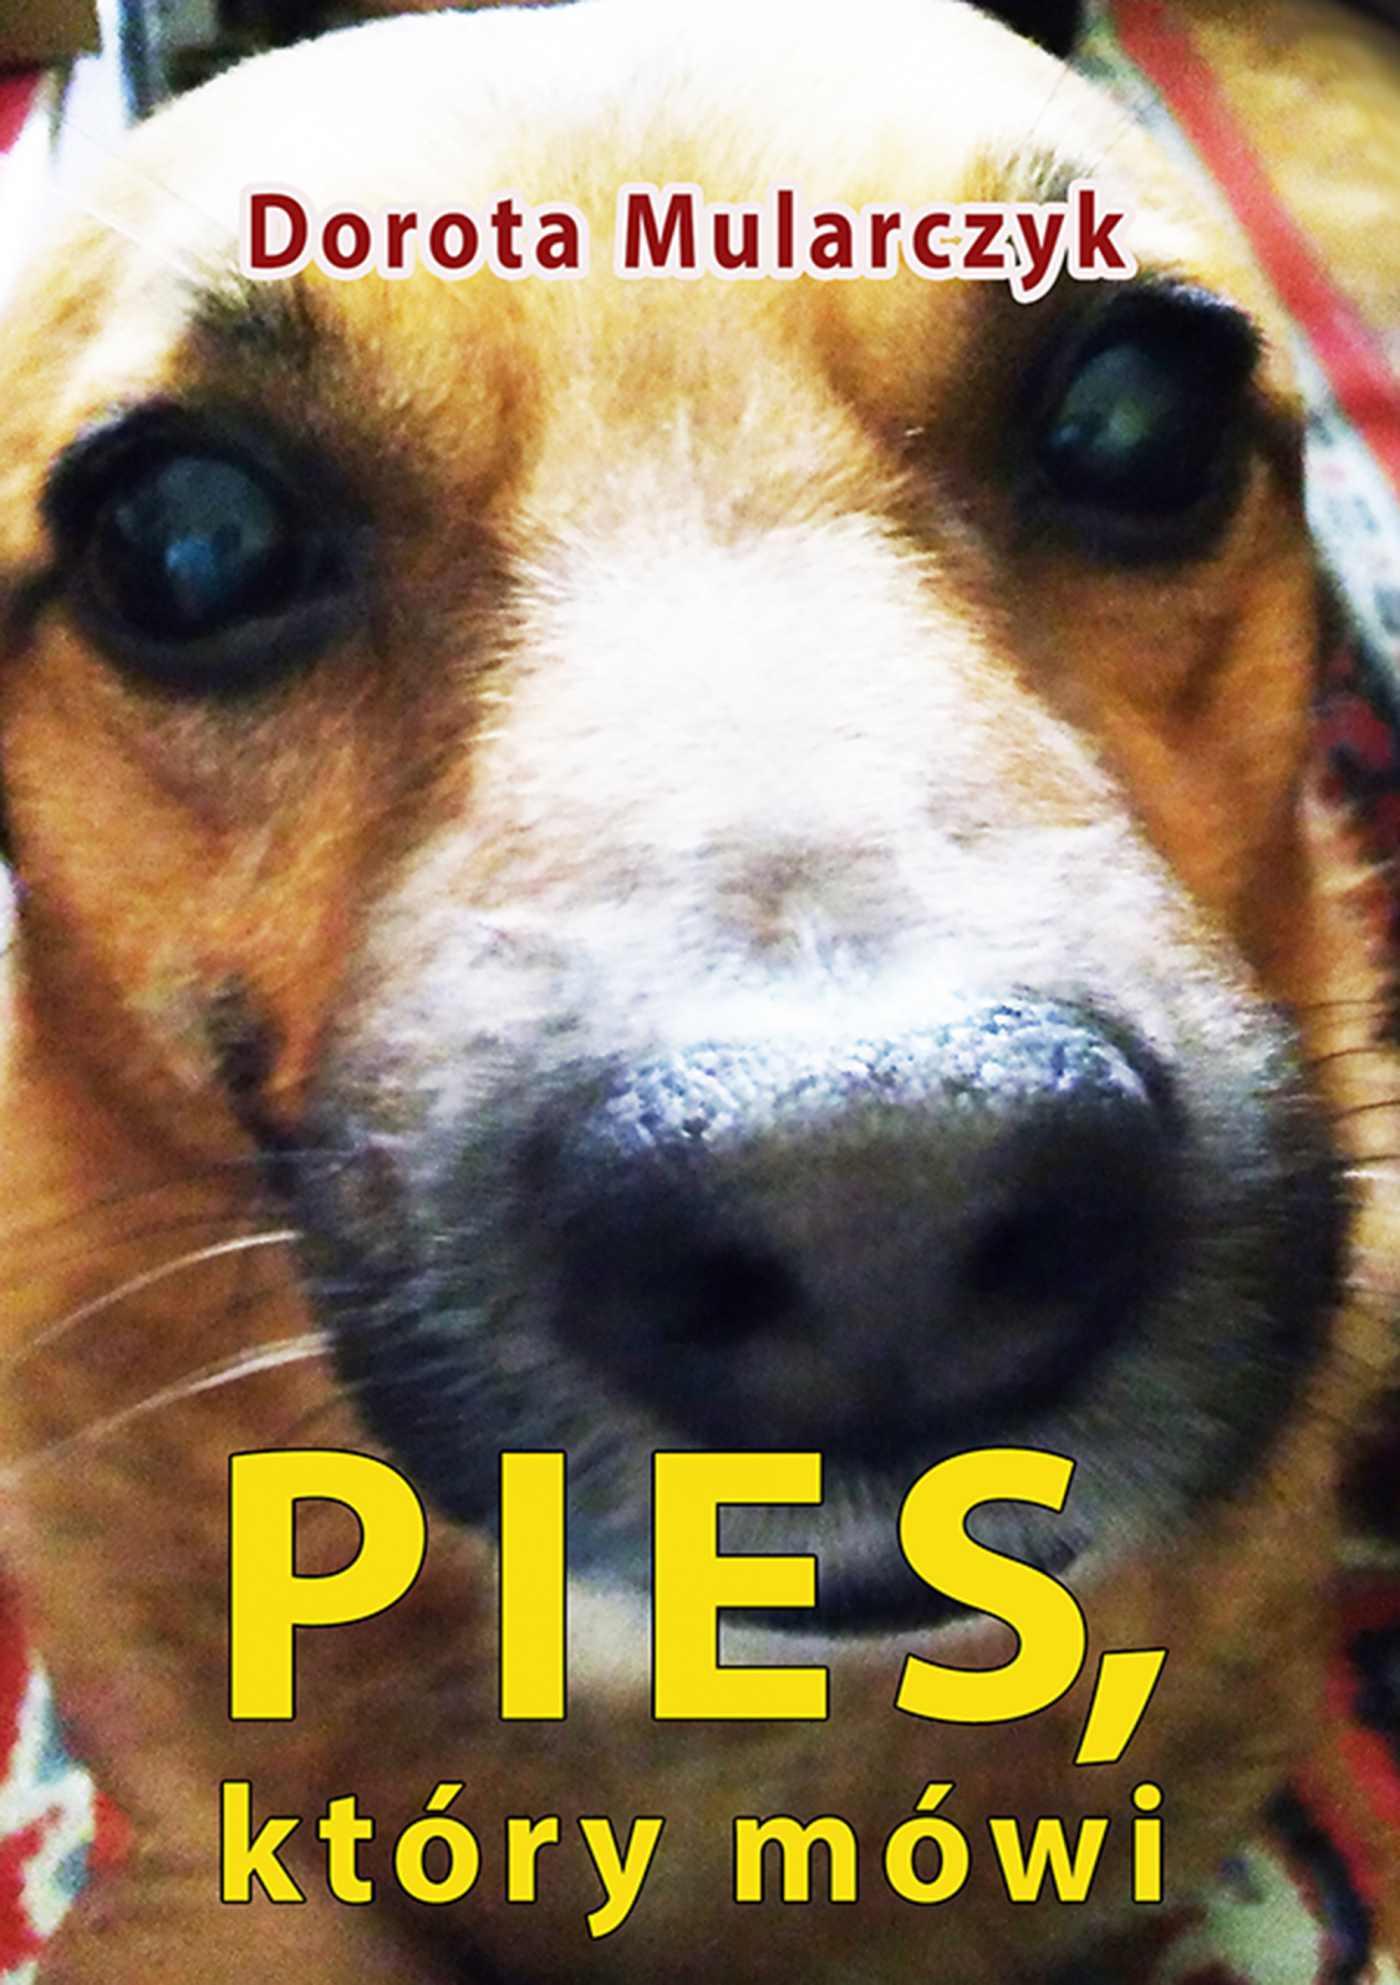 Pies, który mówi - Ebook (Książka na Kindle) do pobrania w formacie MOBI